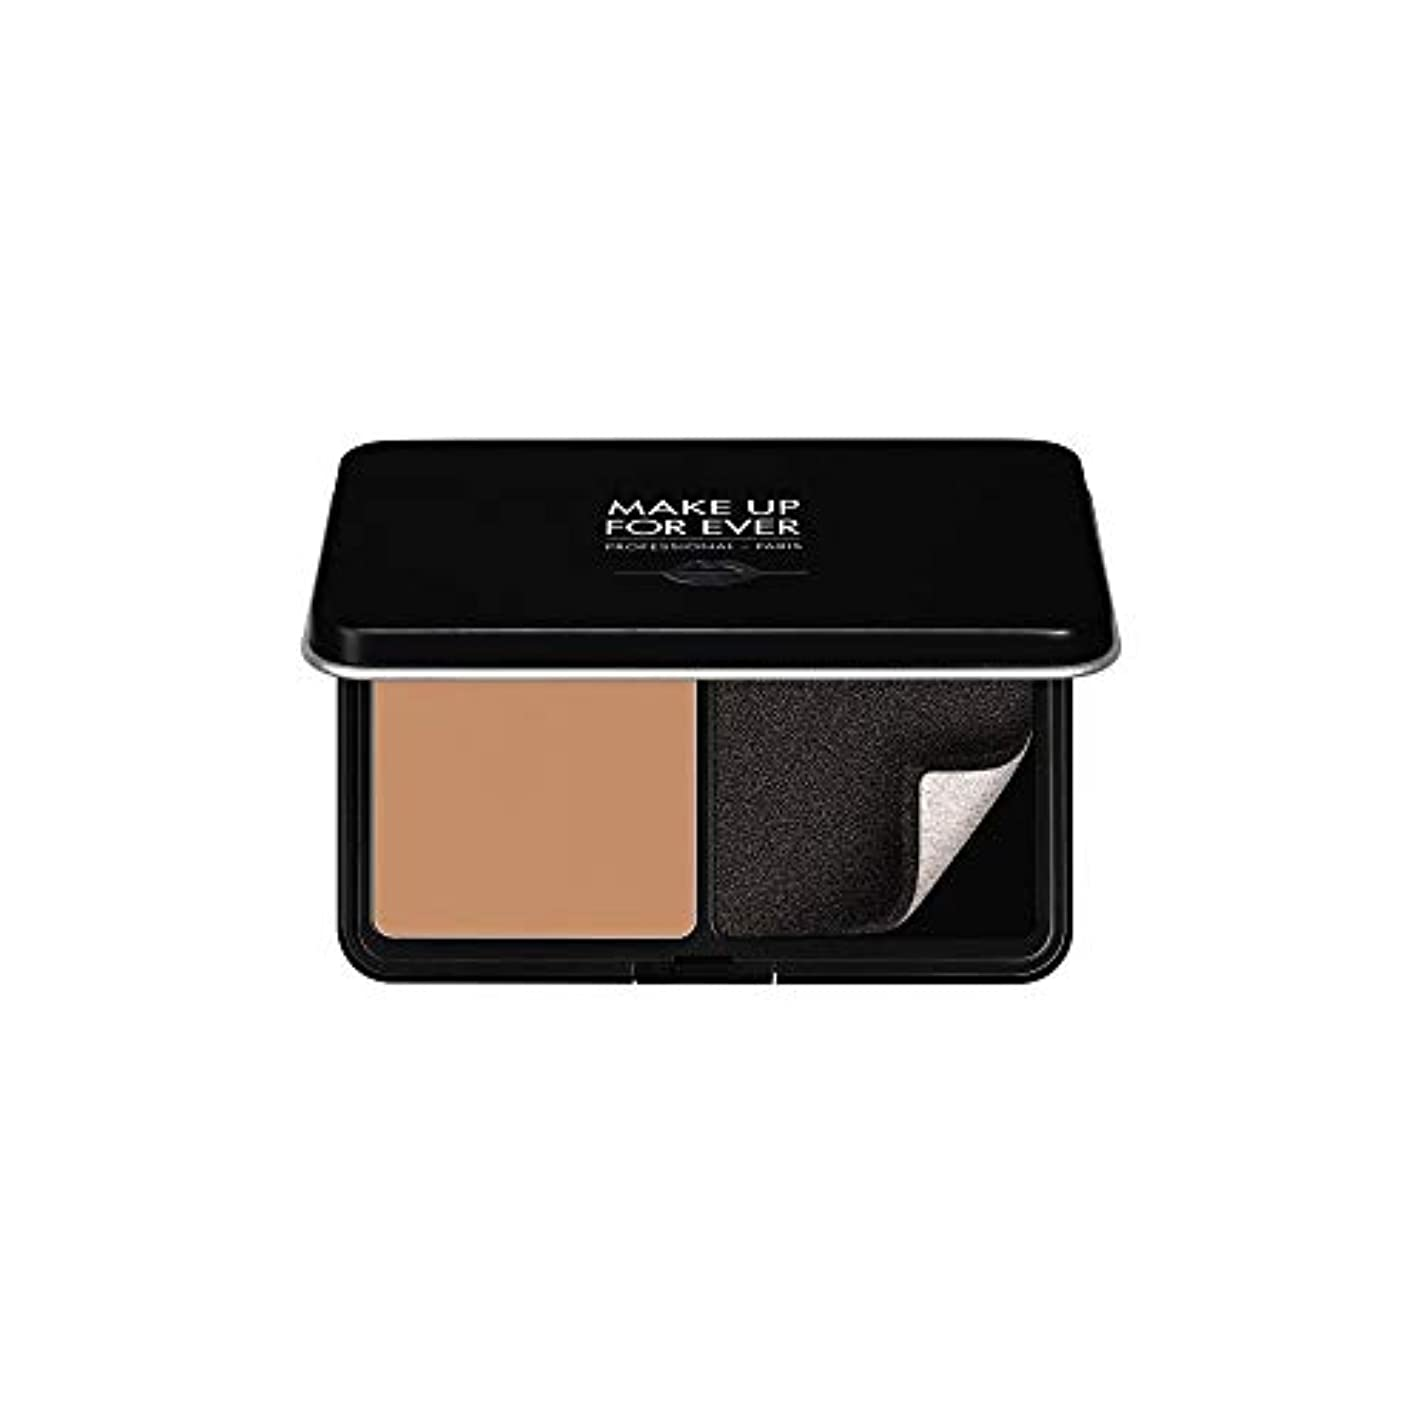 行うボウリングこどもセンターメイクアップフォーエバー Matte Velvet Skin Blurring Powder Foundation - # R410 (Golden Beige) 11g/0.38oz並行輸入品